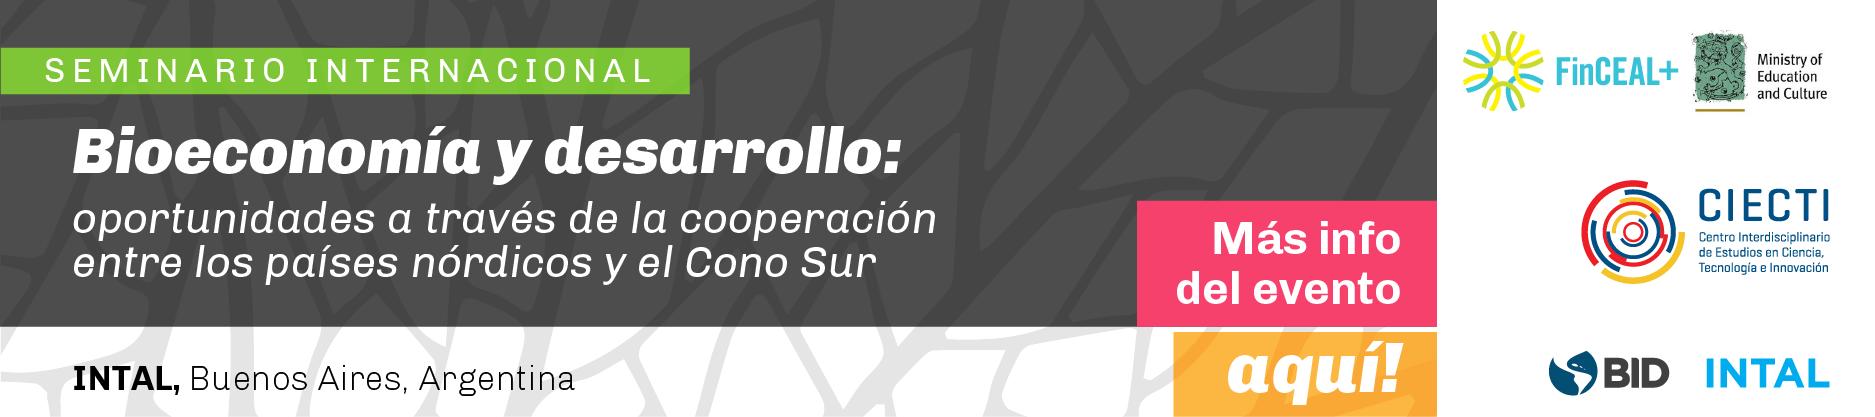 banner-web-900x200-más-info-del-evento